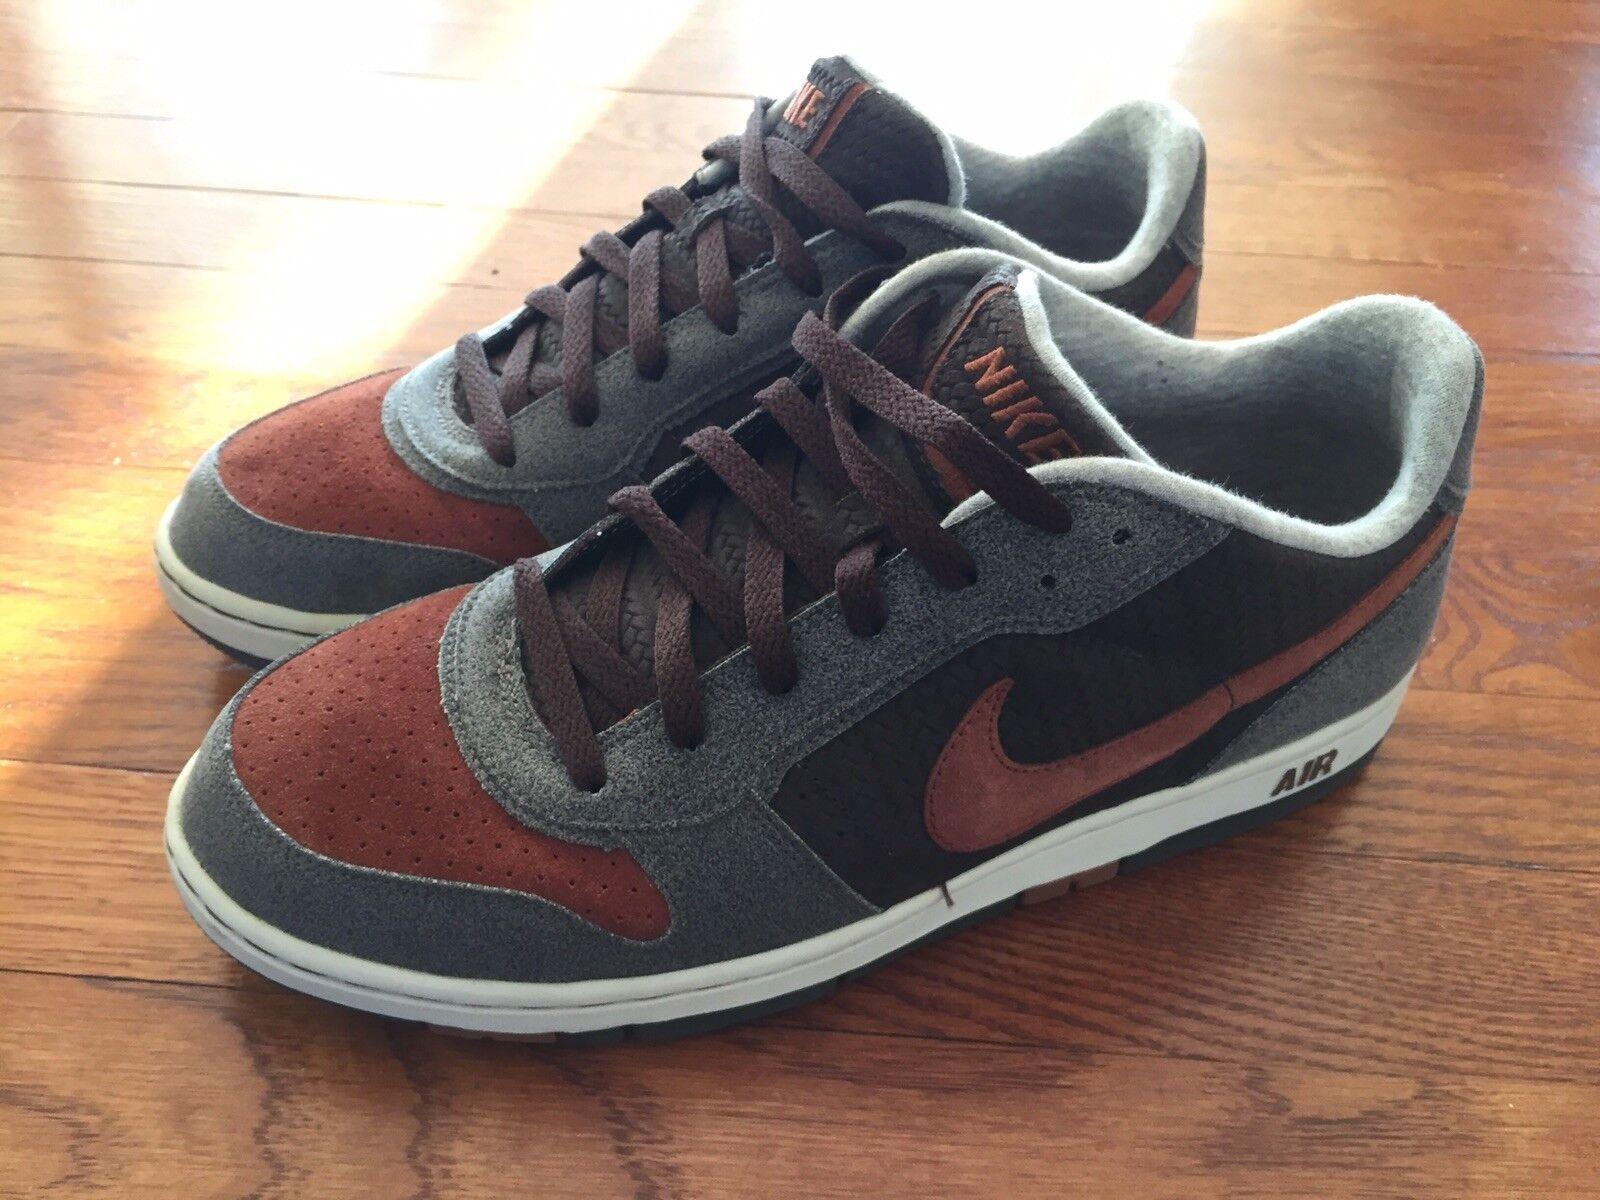 Nike air niedrig - männer grau / Braun / terrakotta - männer - größe 10,5